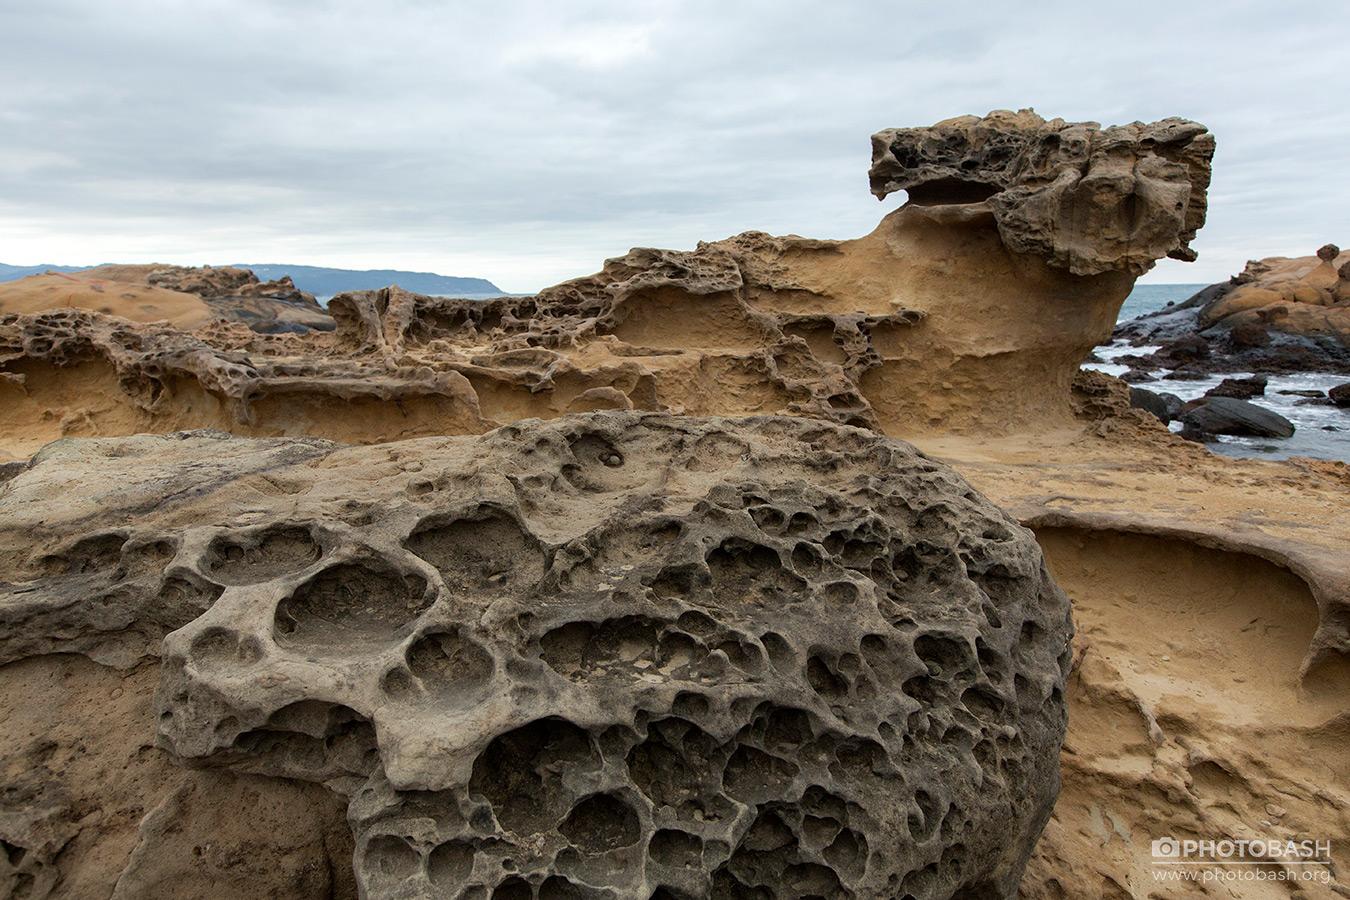 Porous-Rocks-Alien-Desert-Canyon.jpg